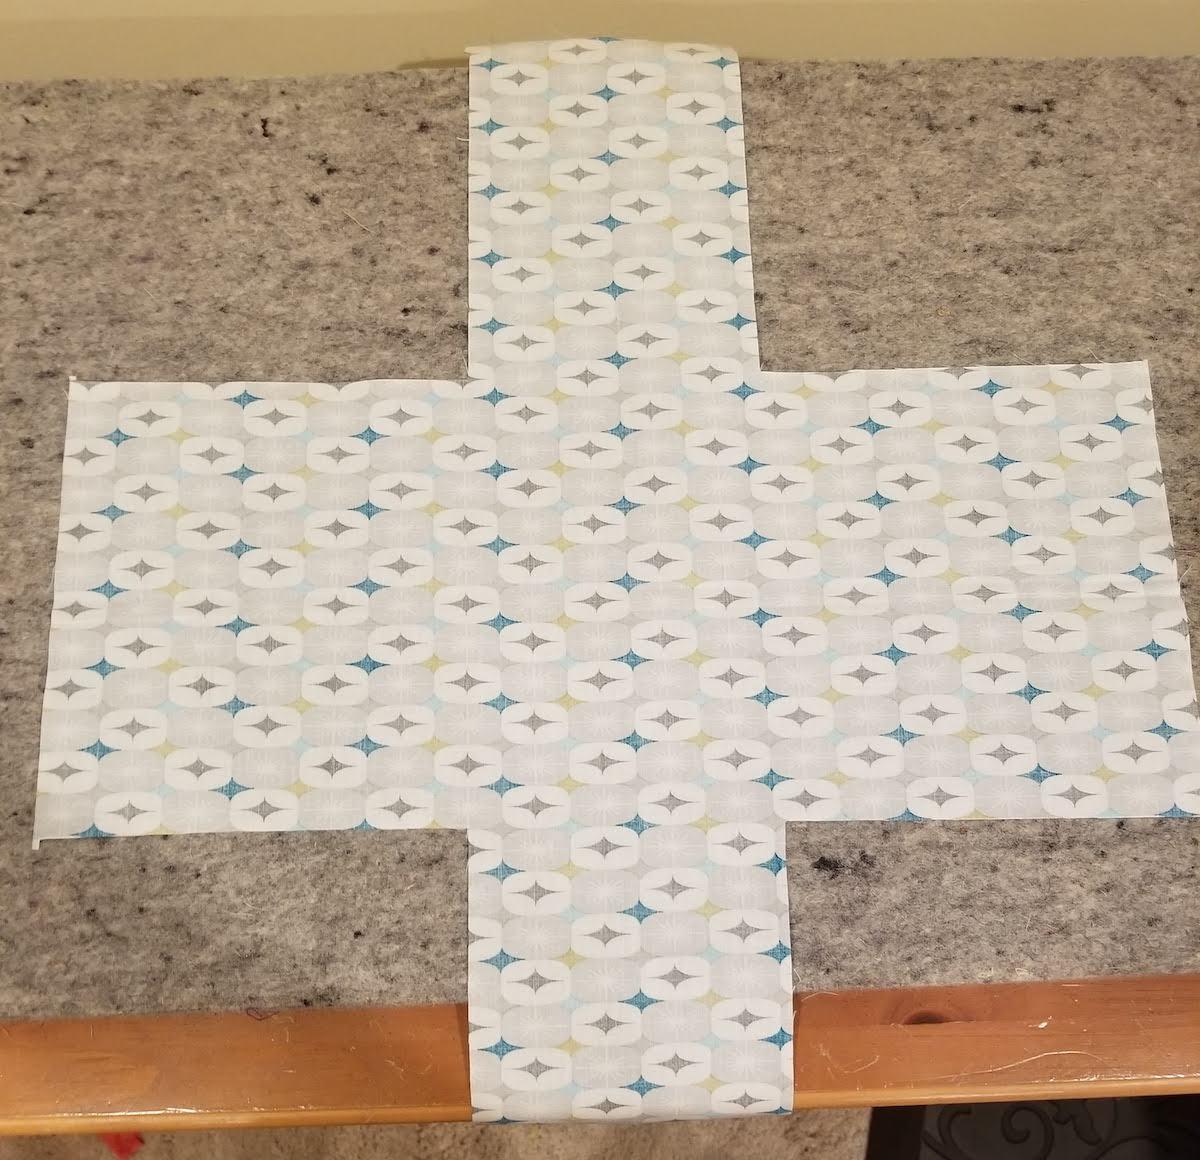 fabriccutterfabricsaving